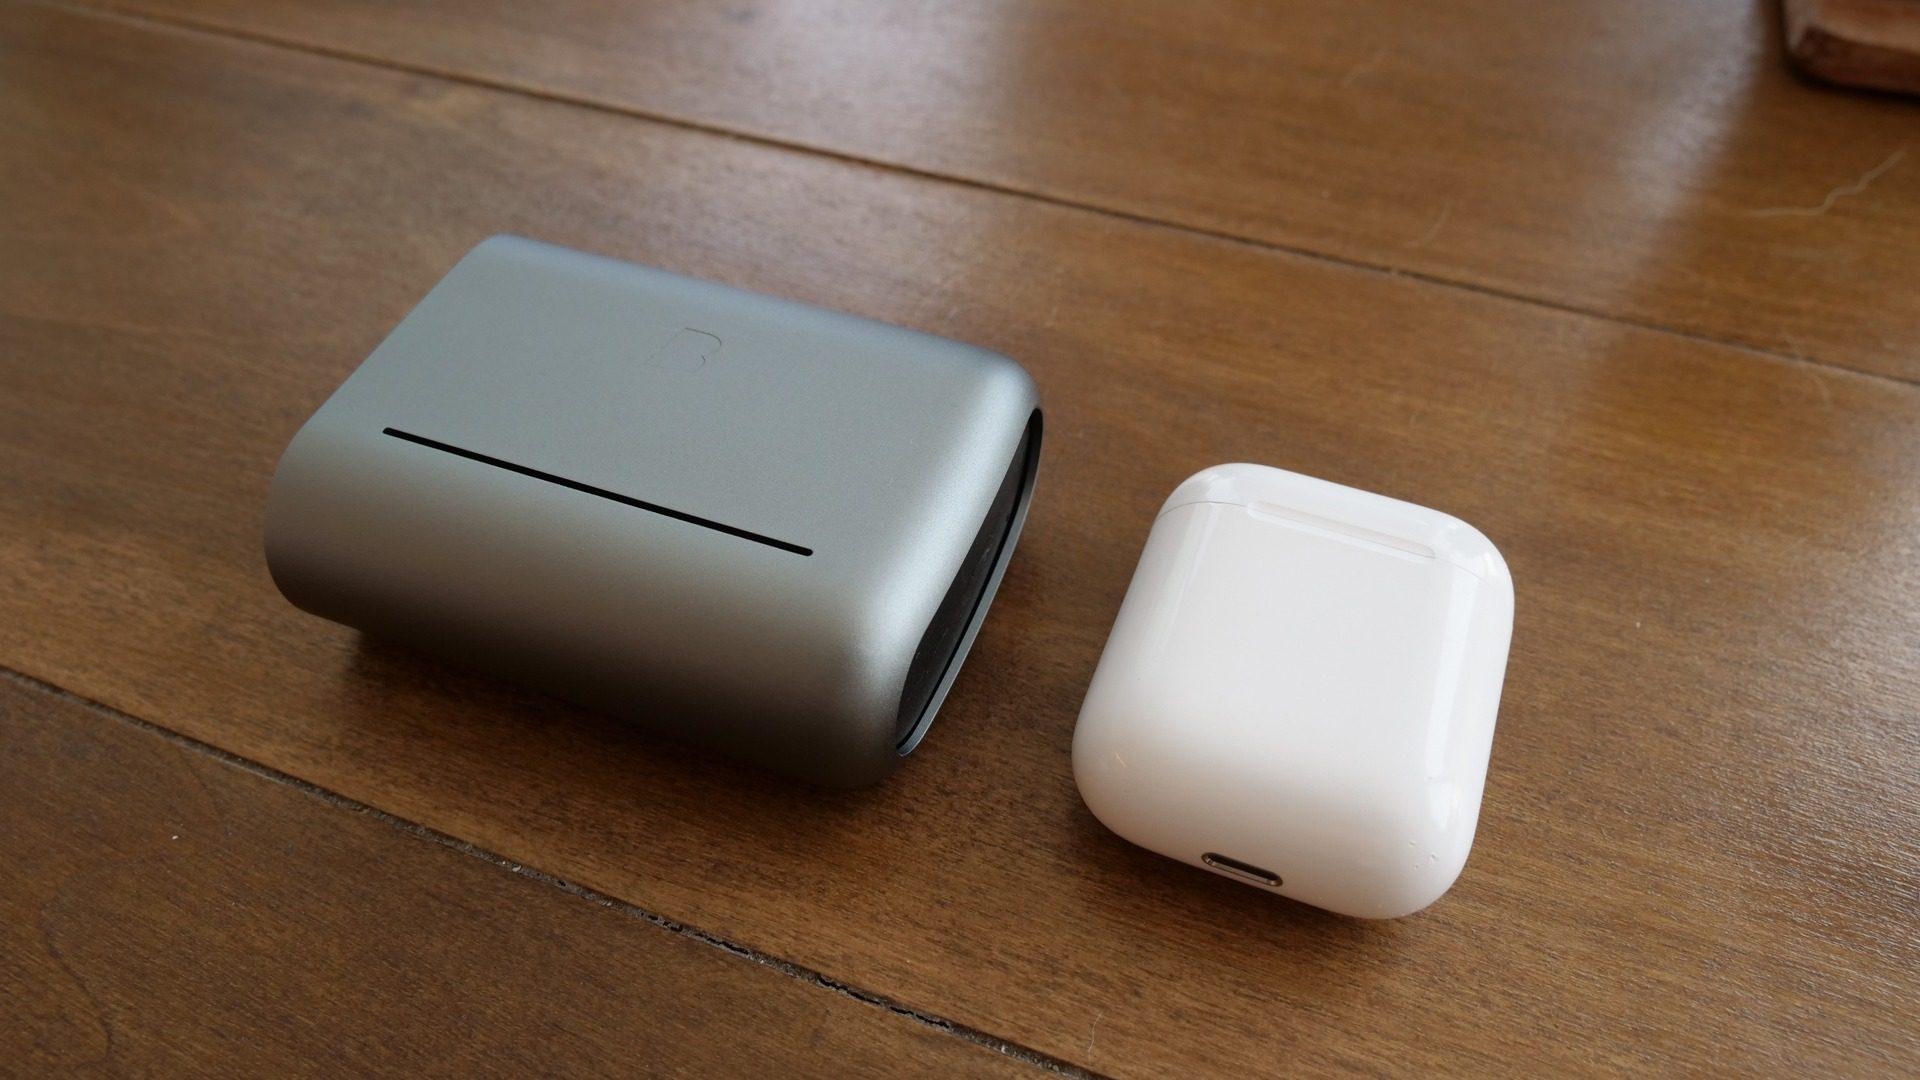 Bragi Dash Pro Case compared to AirPods